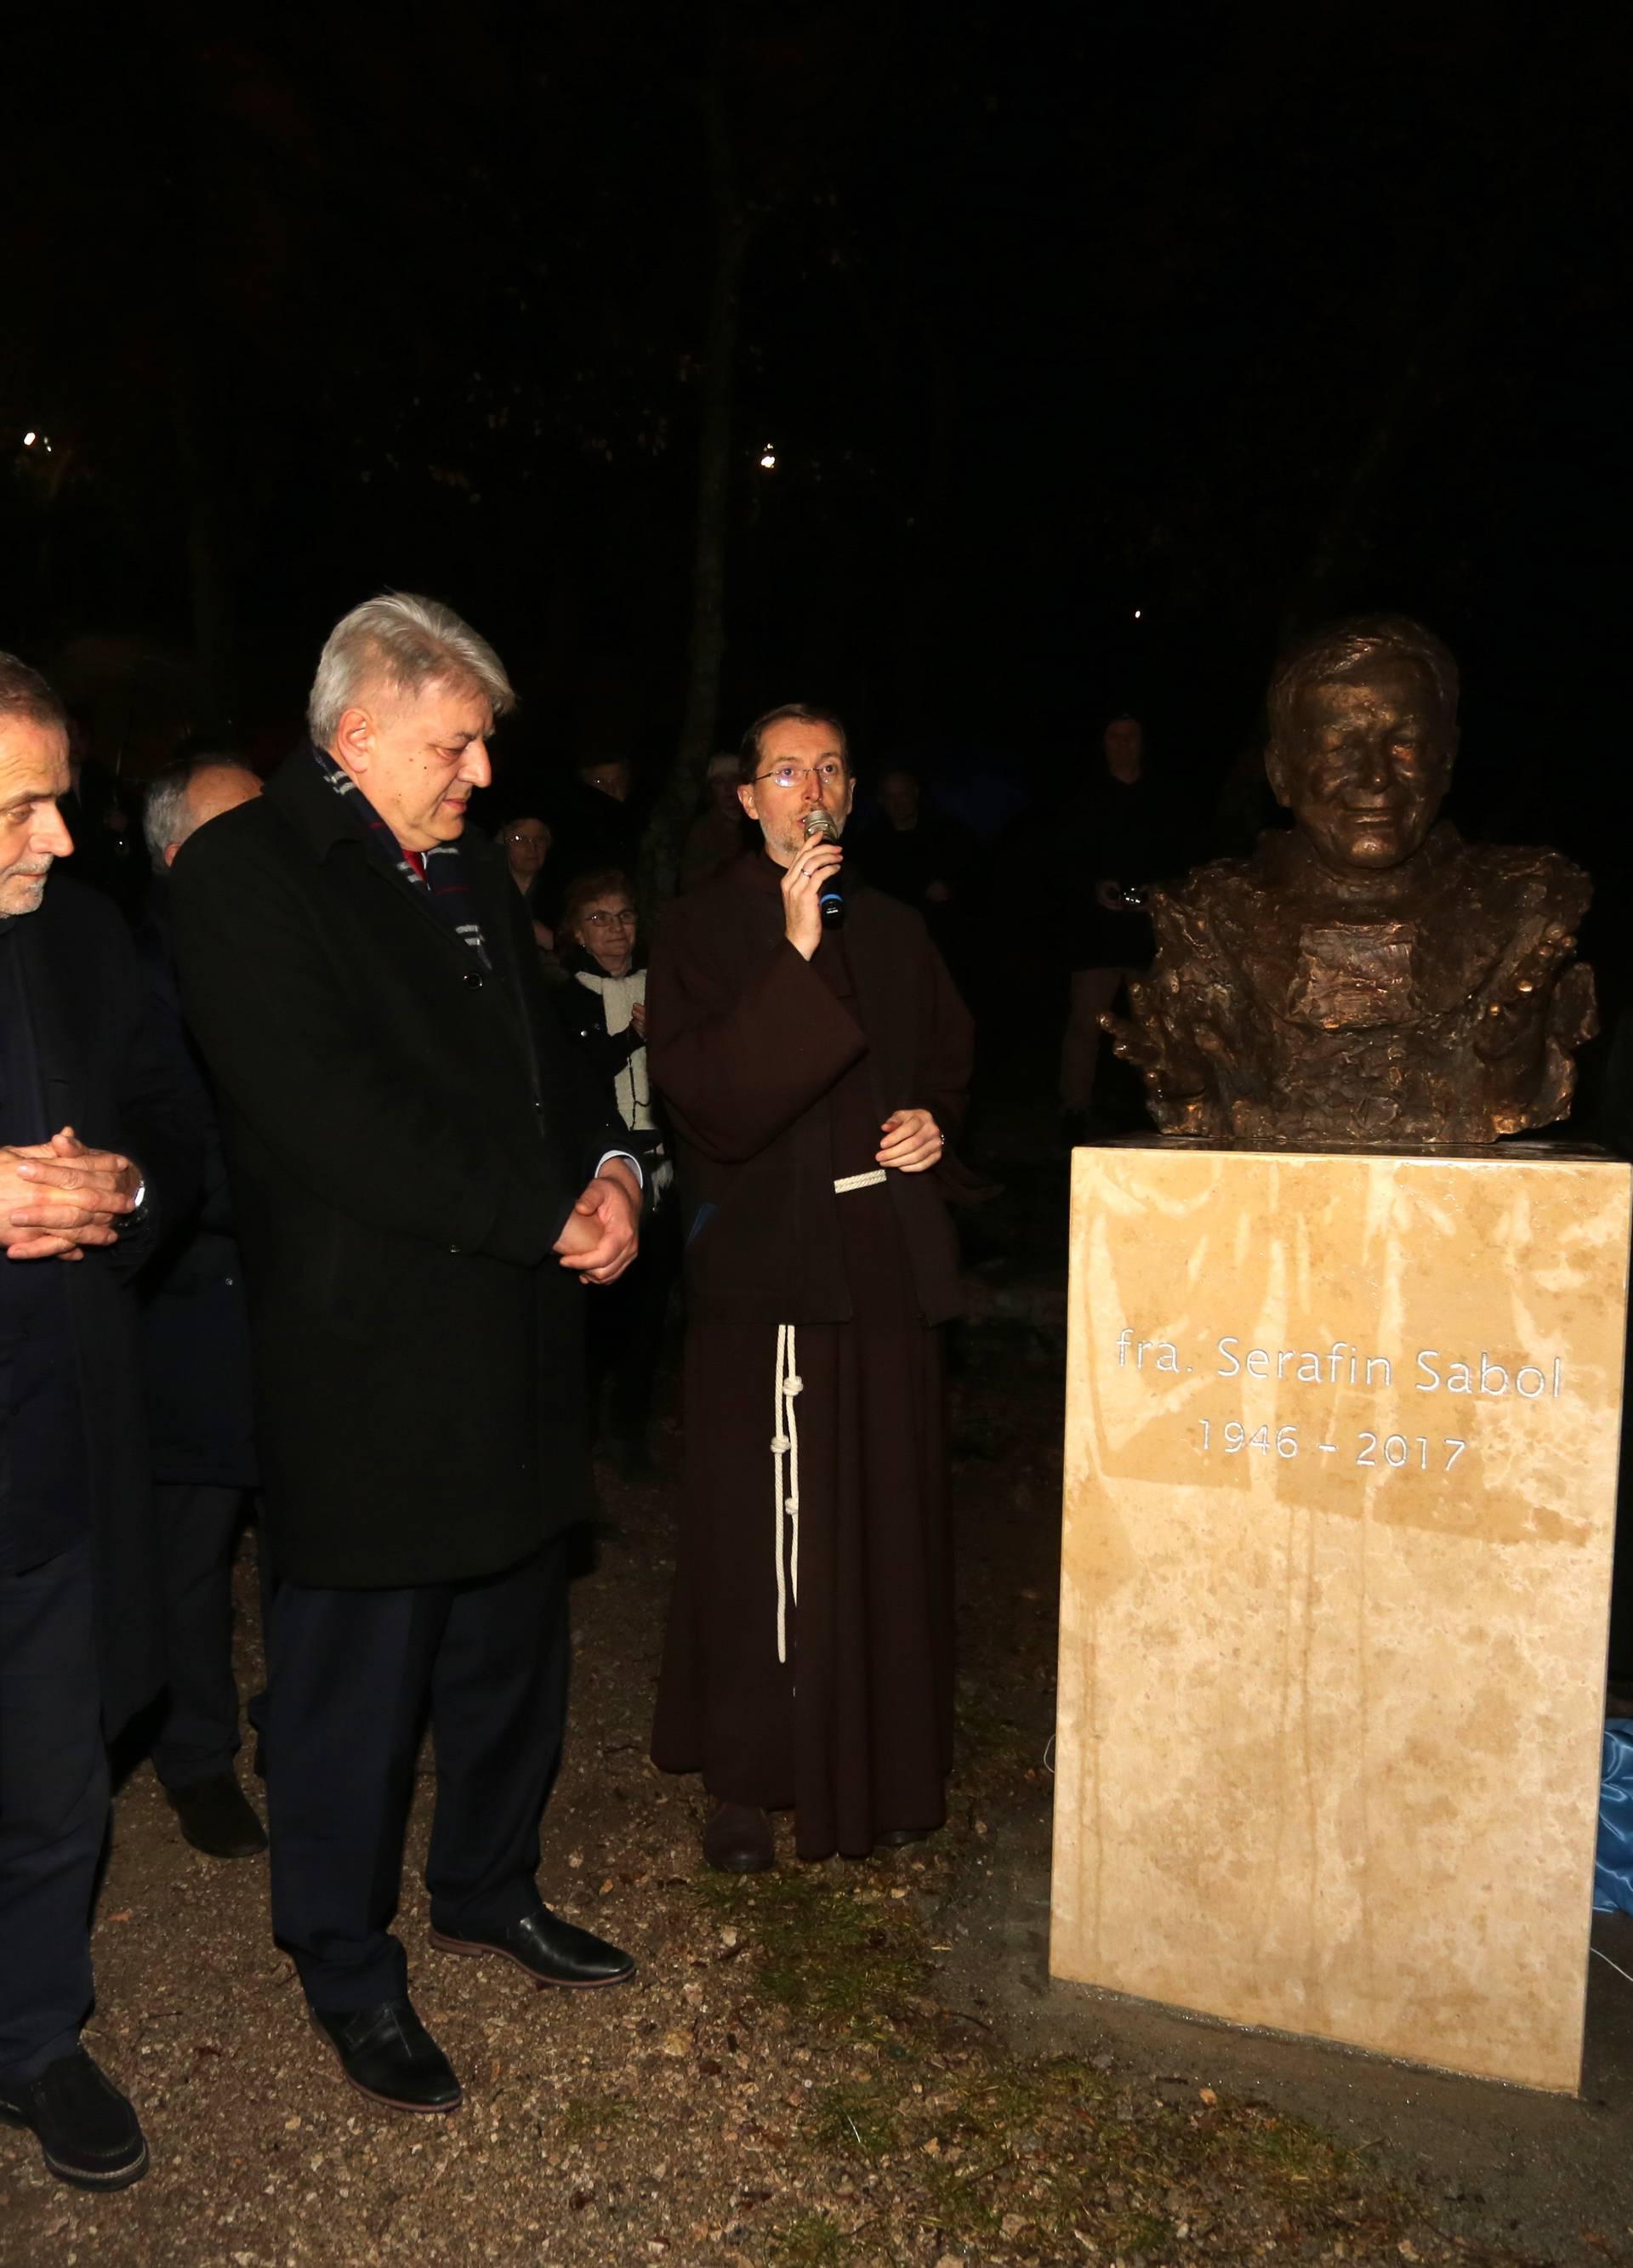 Rijeka: Otkrivanje biste fra Serafinu Sabolu u perivoju Trsatskog svetišta